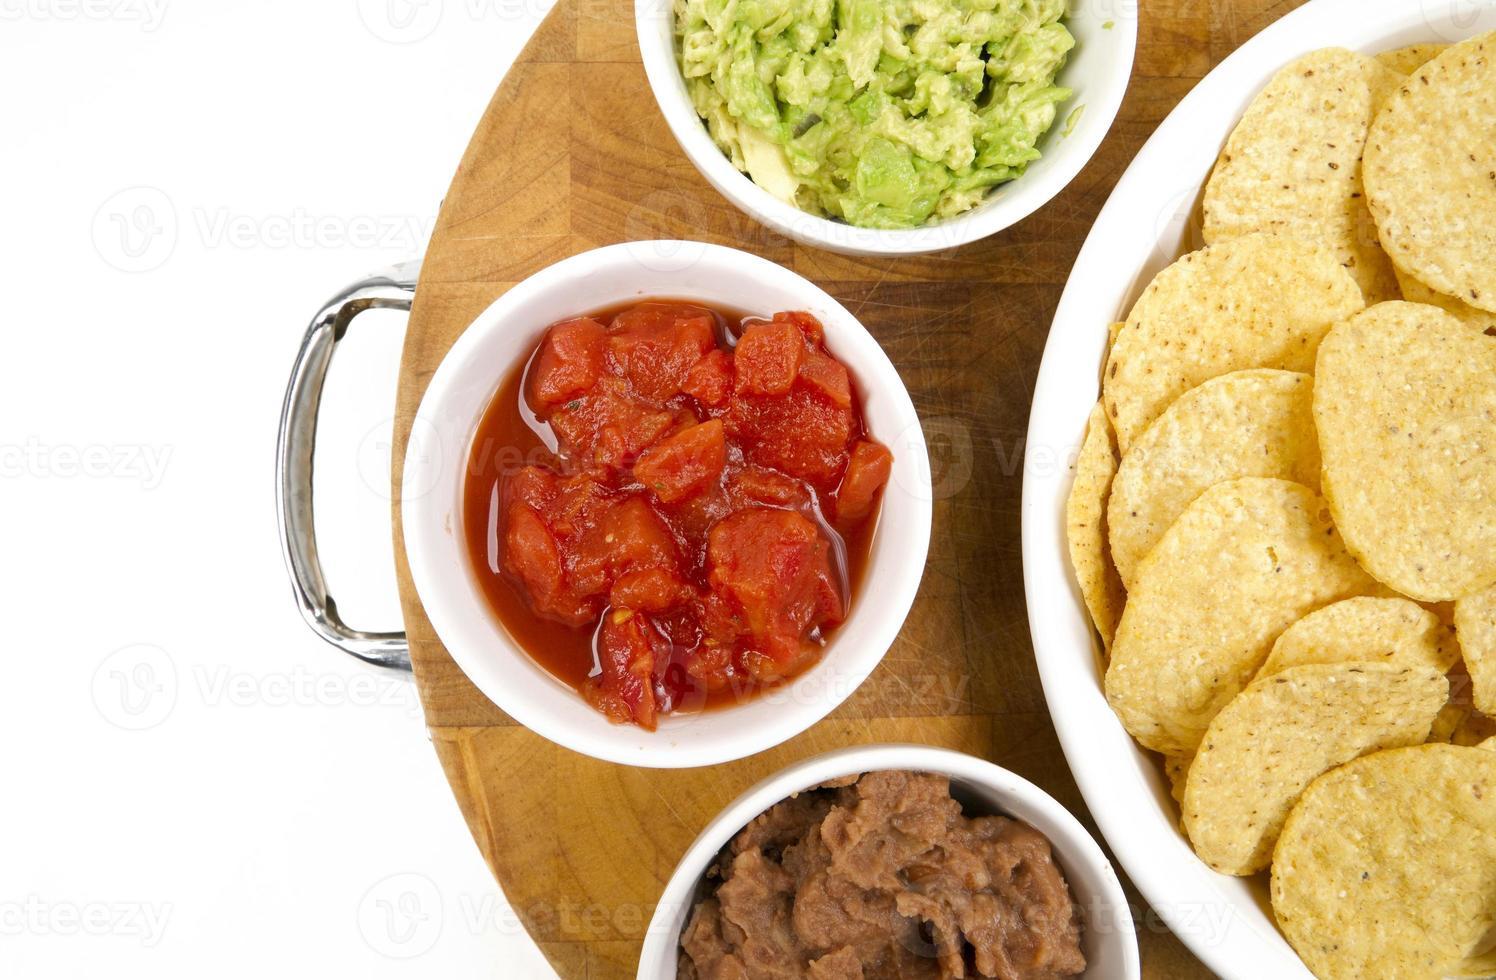 comida aperitivos patatas fritas salsa frijoles refritos guacamole tabla para cortar madera foto